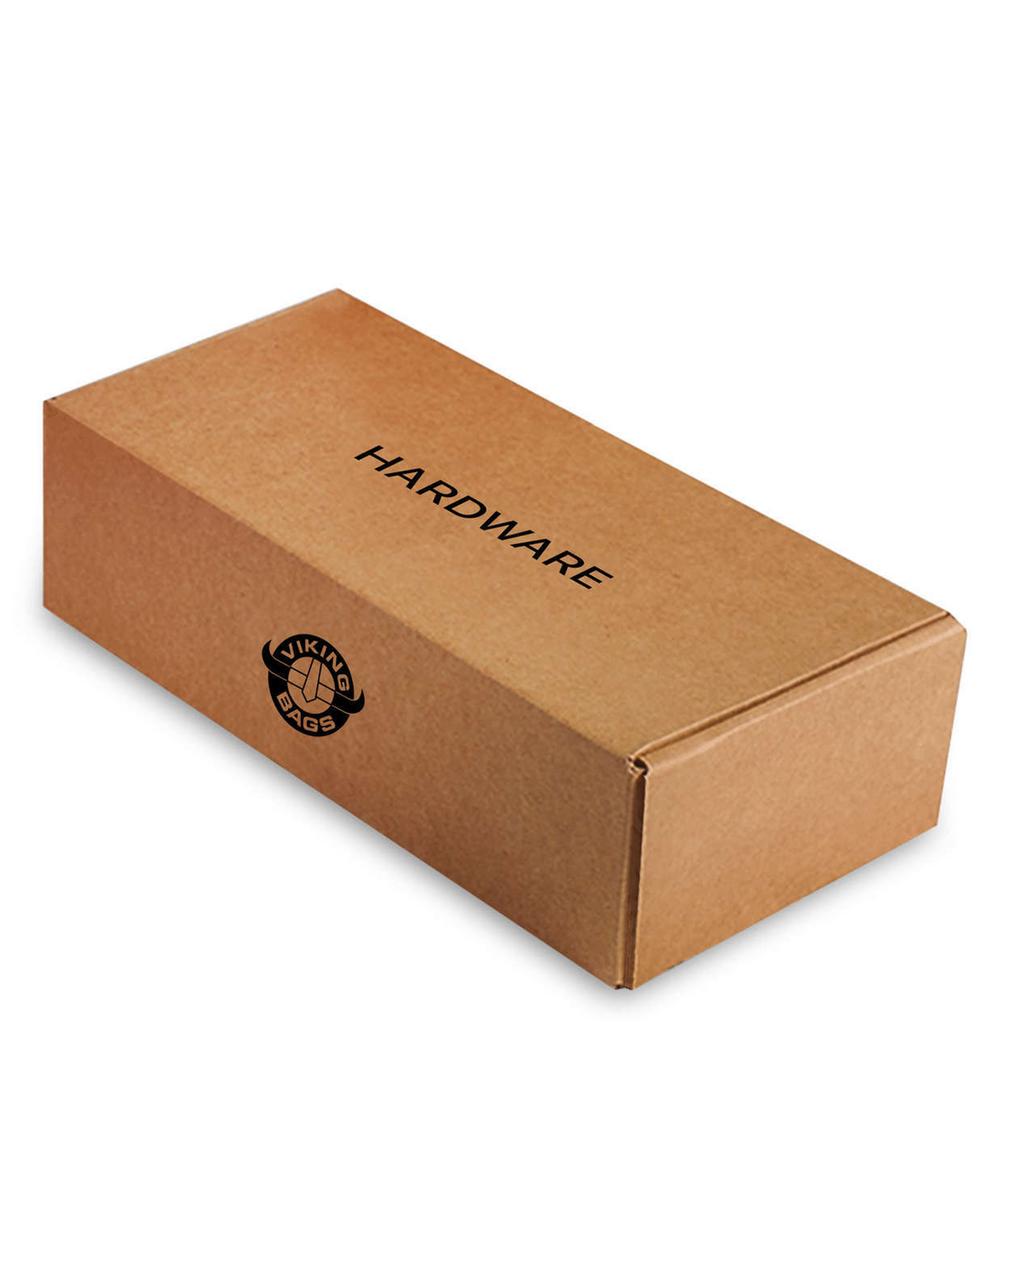 Honda VTX 1800 F Slanted Studded L Motorcycle Saddlebags Hardware Box